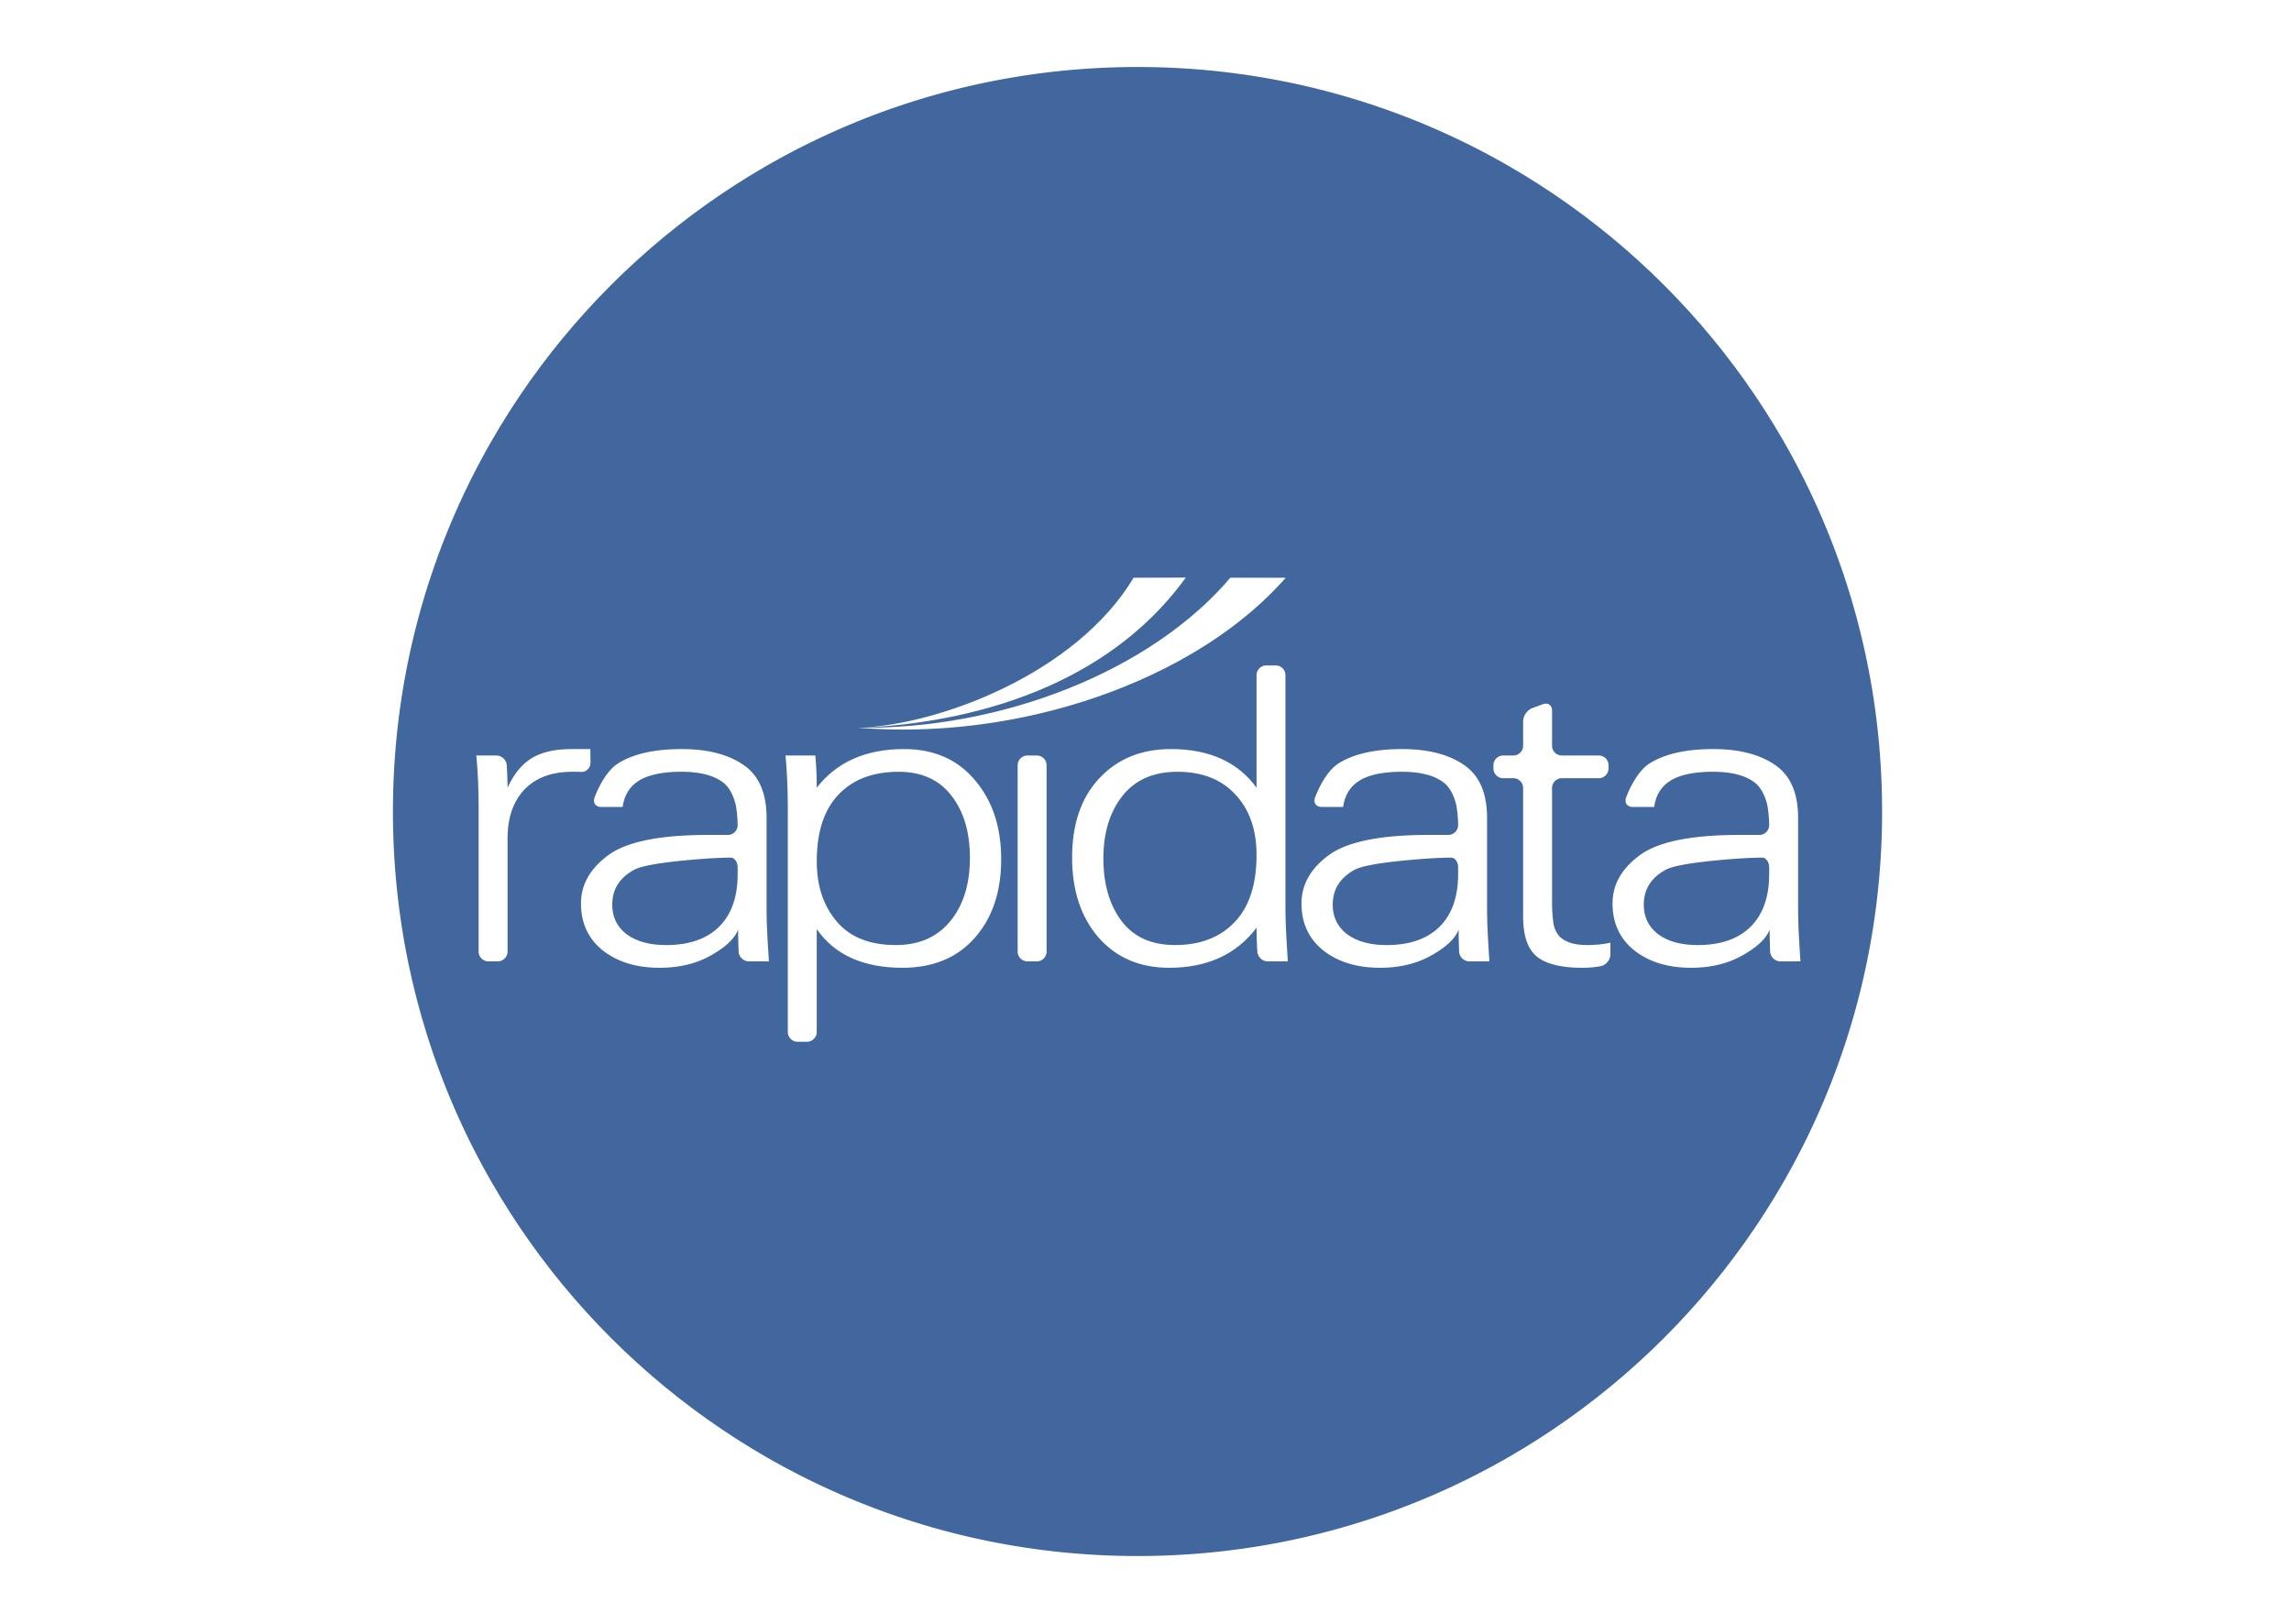 Rapidata Services